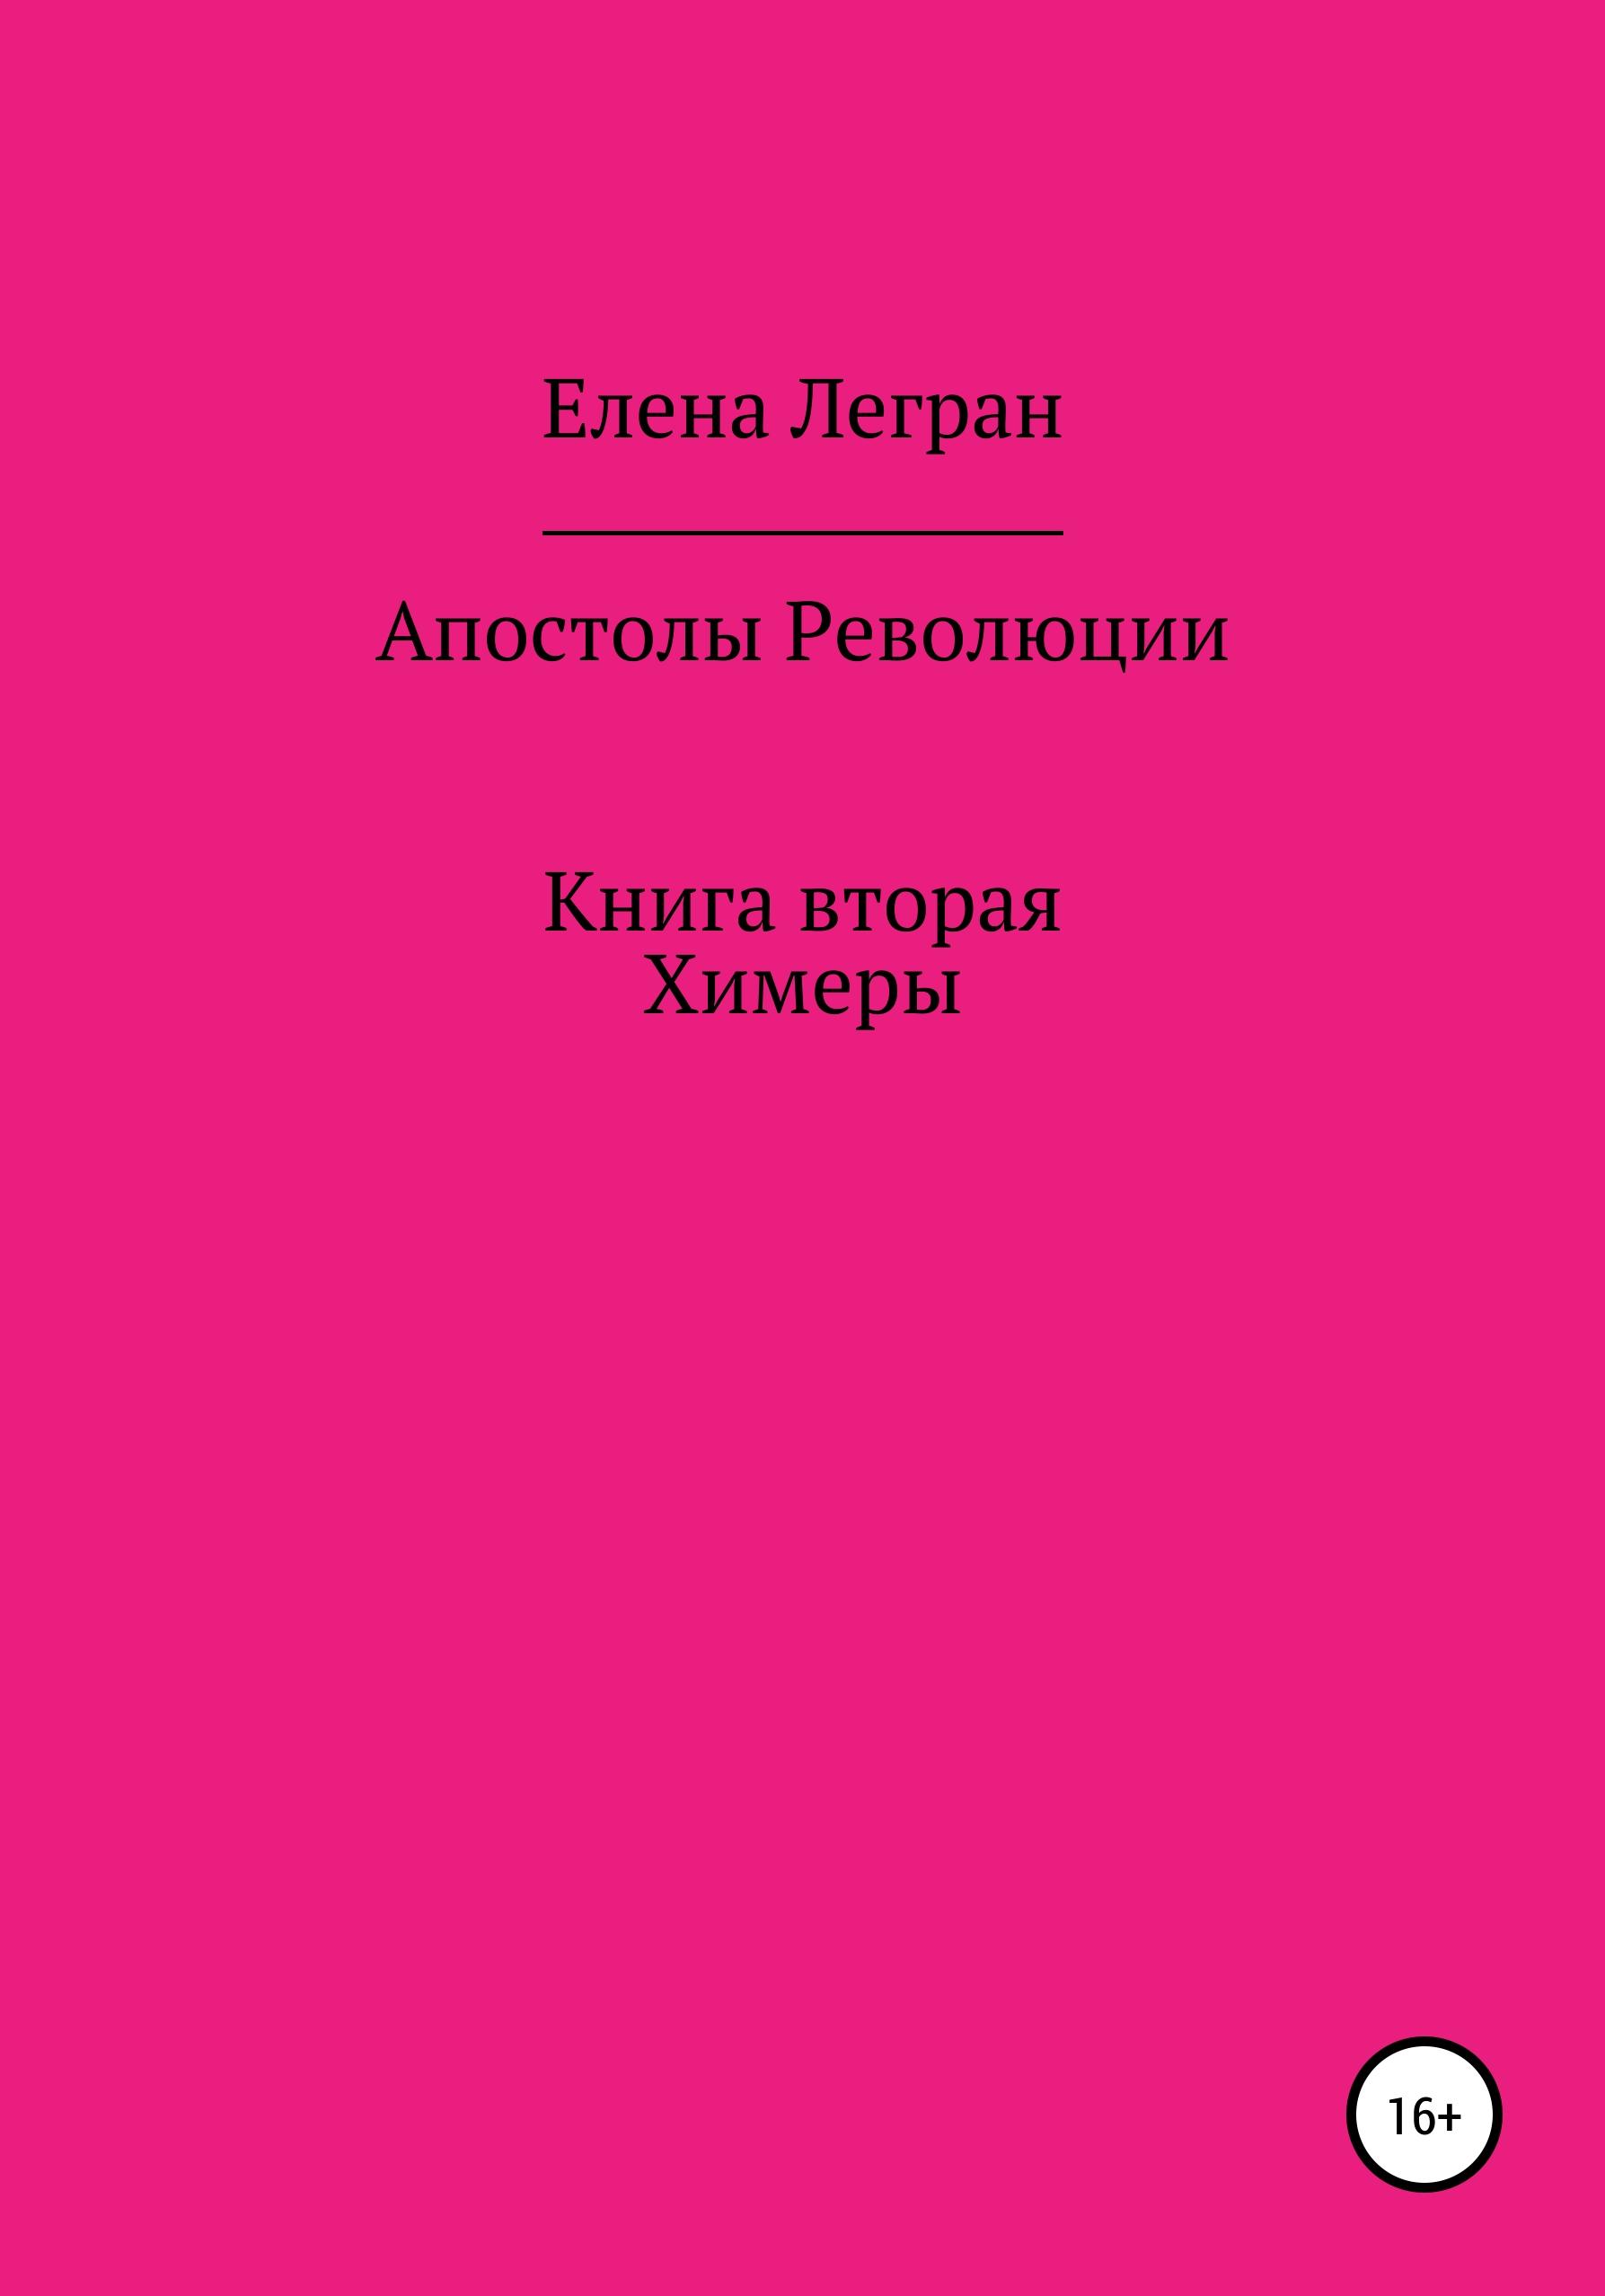 Апостолы Революции. Книга вторая. Химеры